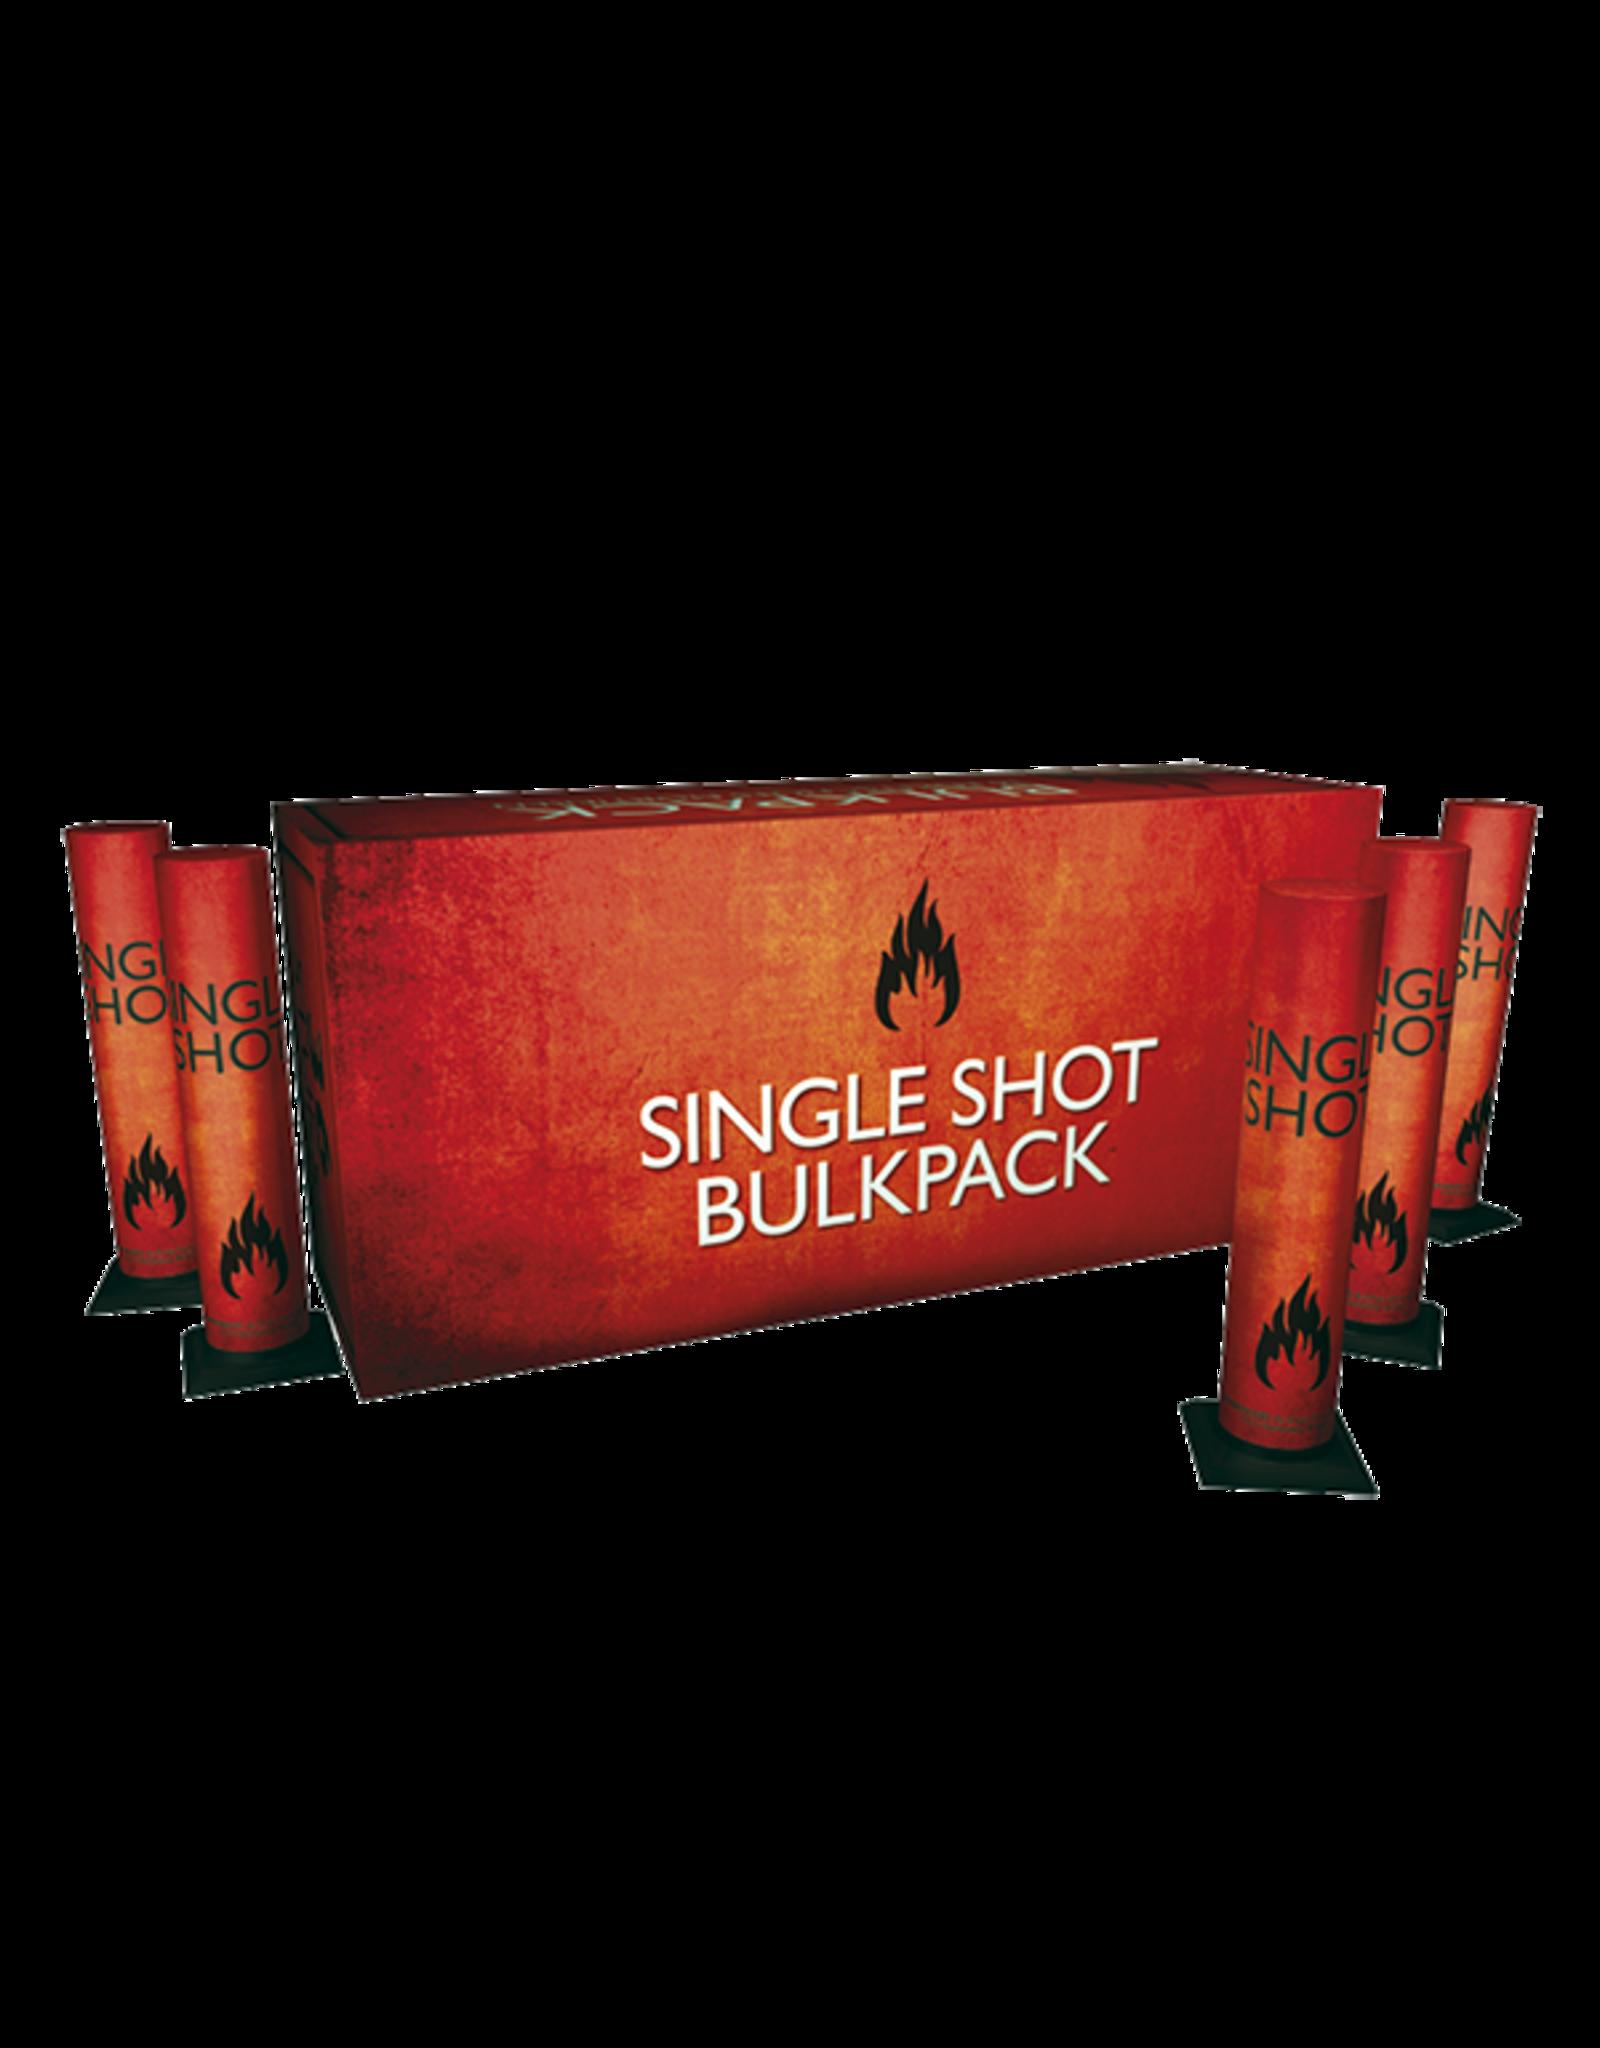 Vuurwerktotaal  Bulkpack Singleshot